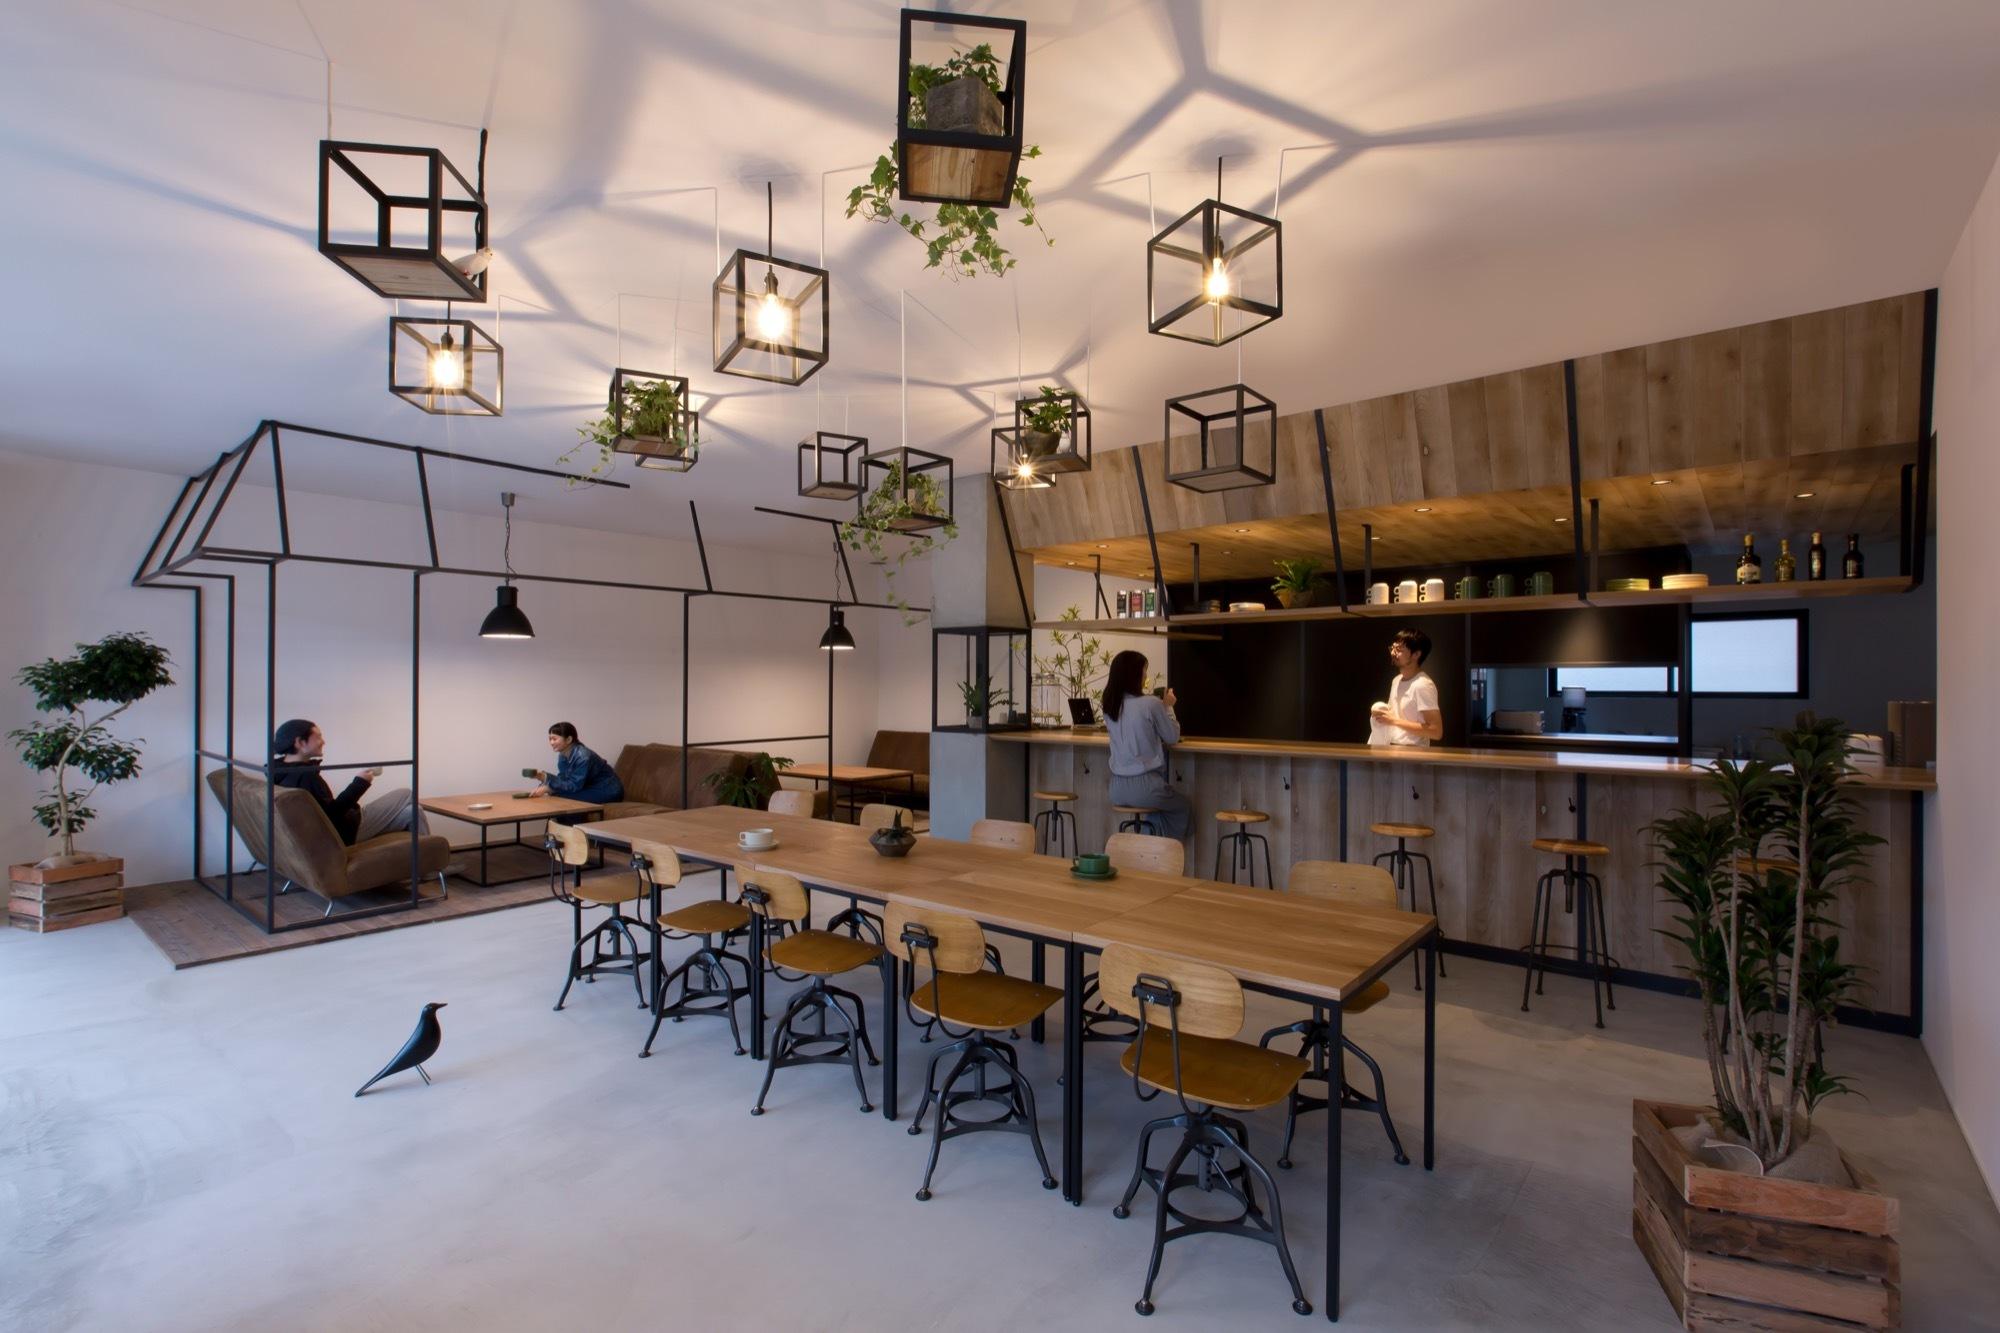 Café Cicero / ALTS Design OfficeCafé Cicero / ALTS Design Office